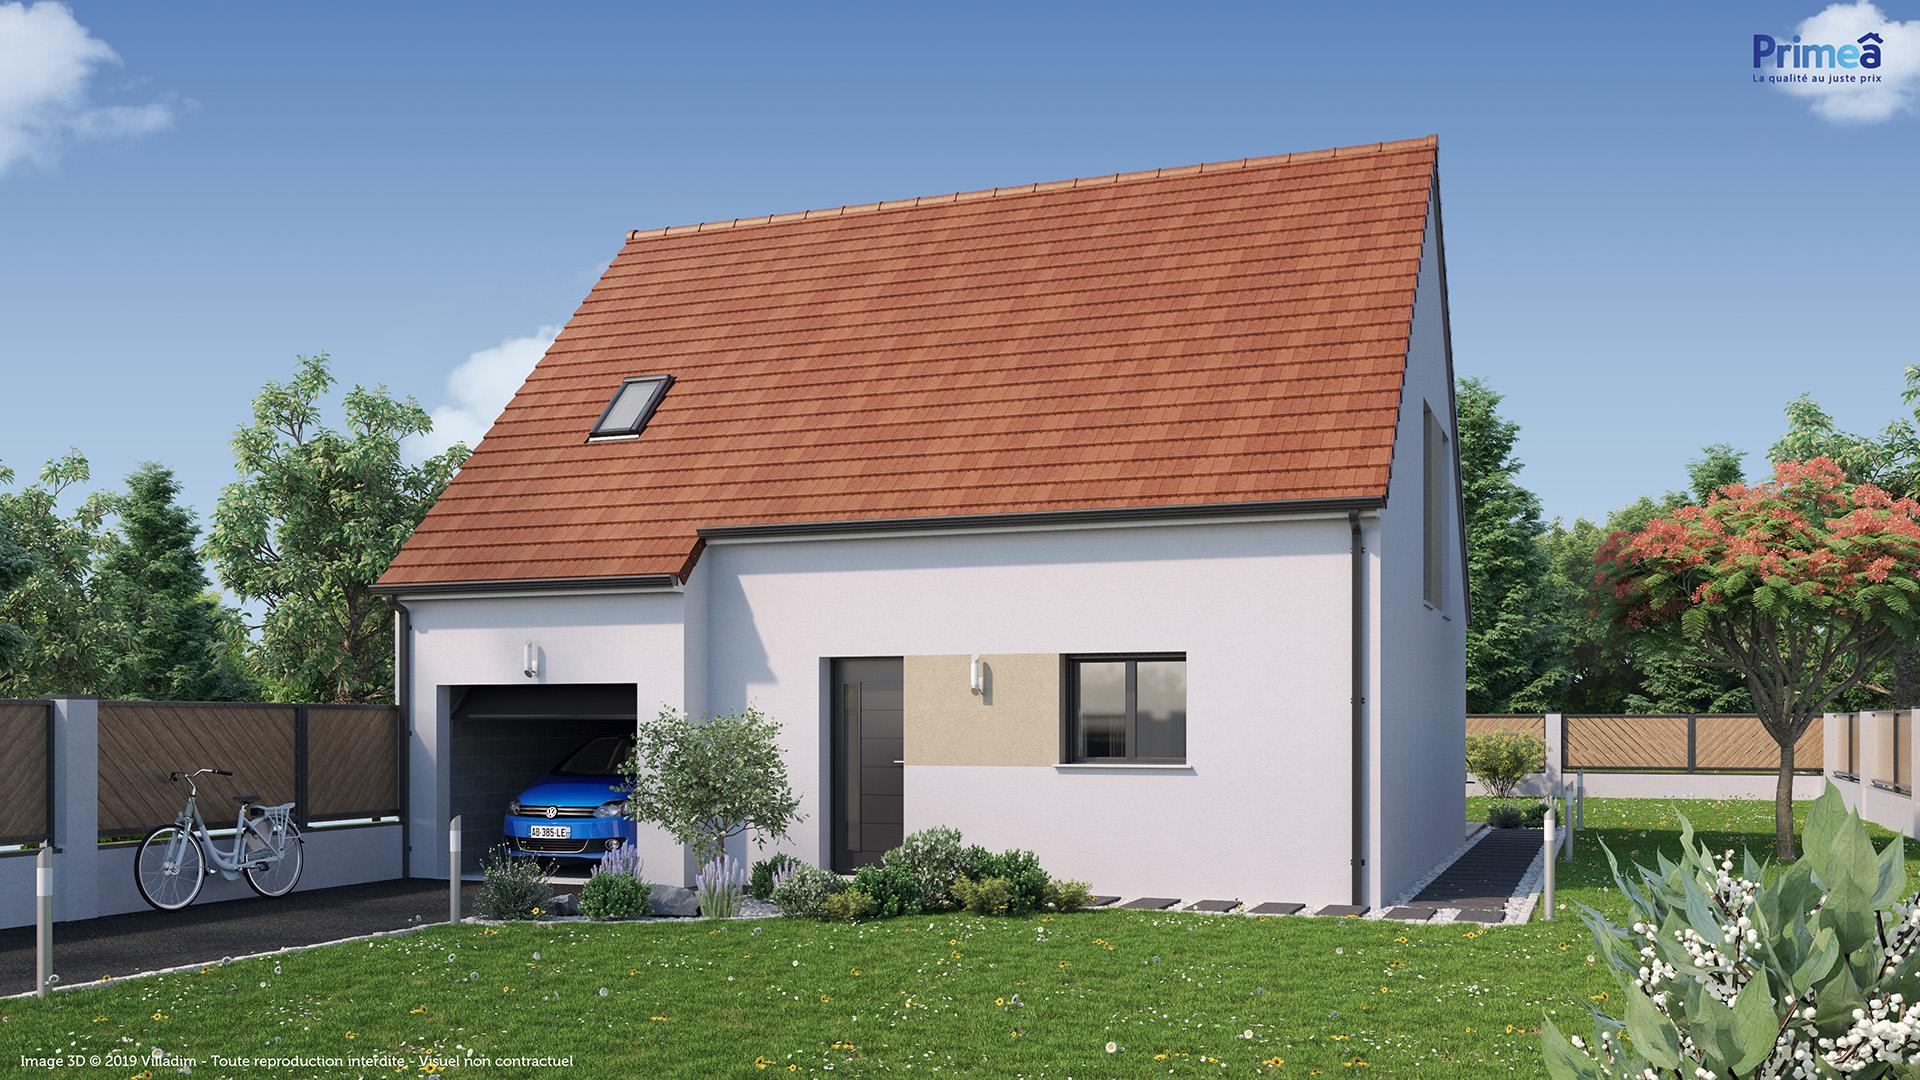 Maison à vendre à Saint-Jean-de-Losne